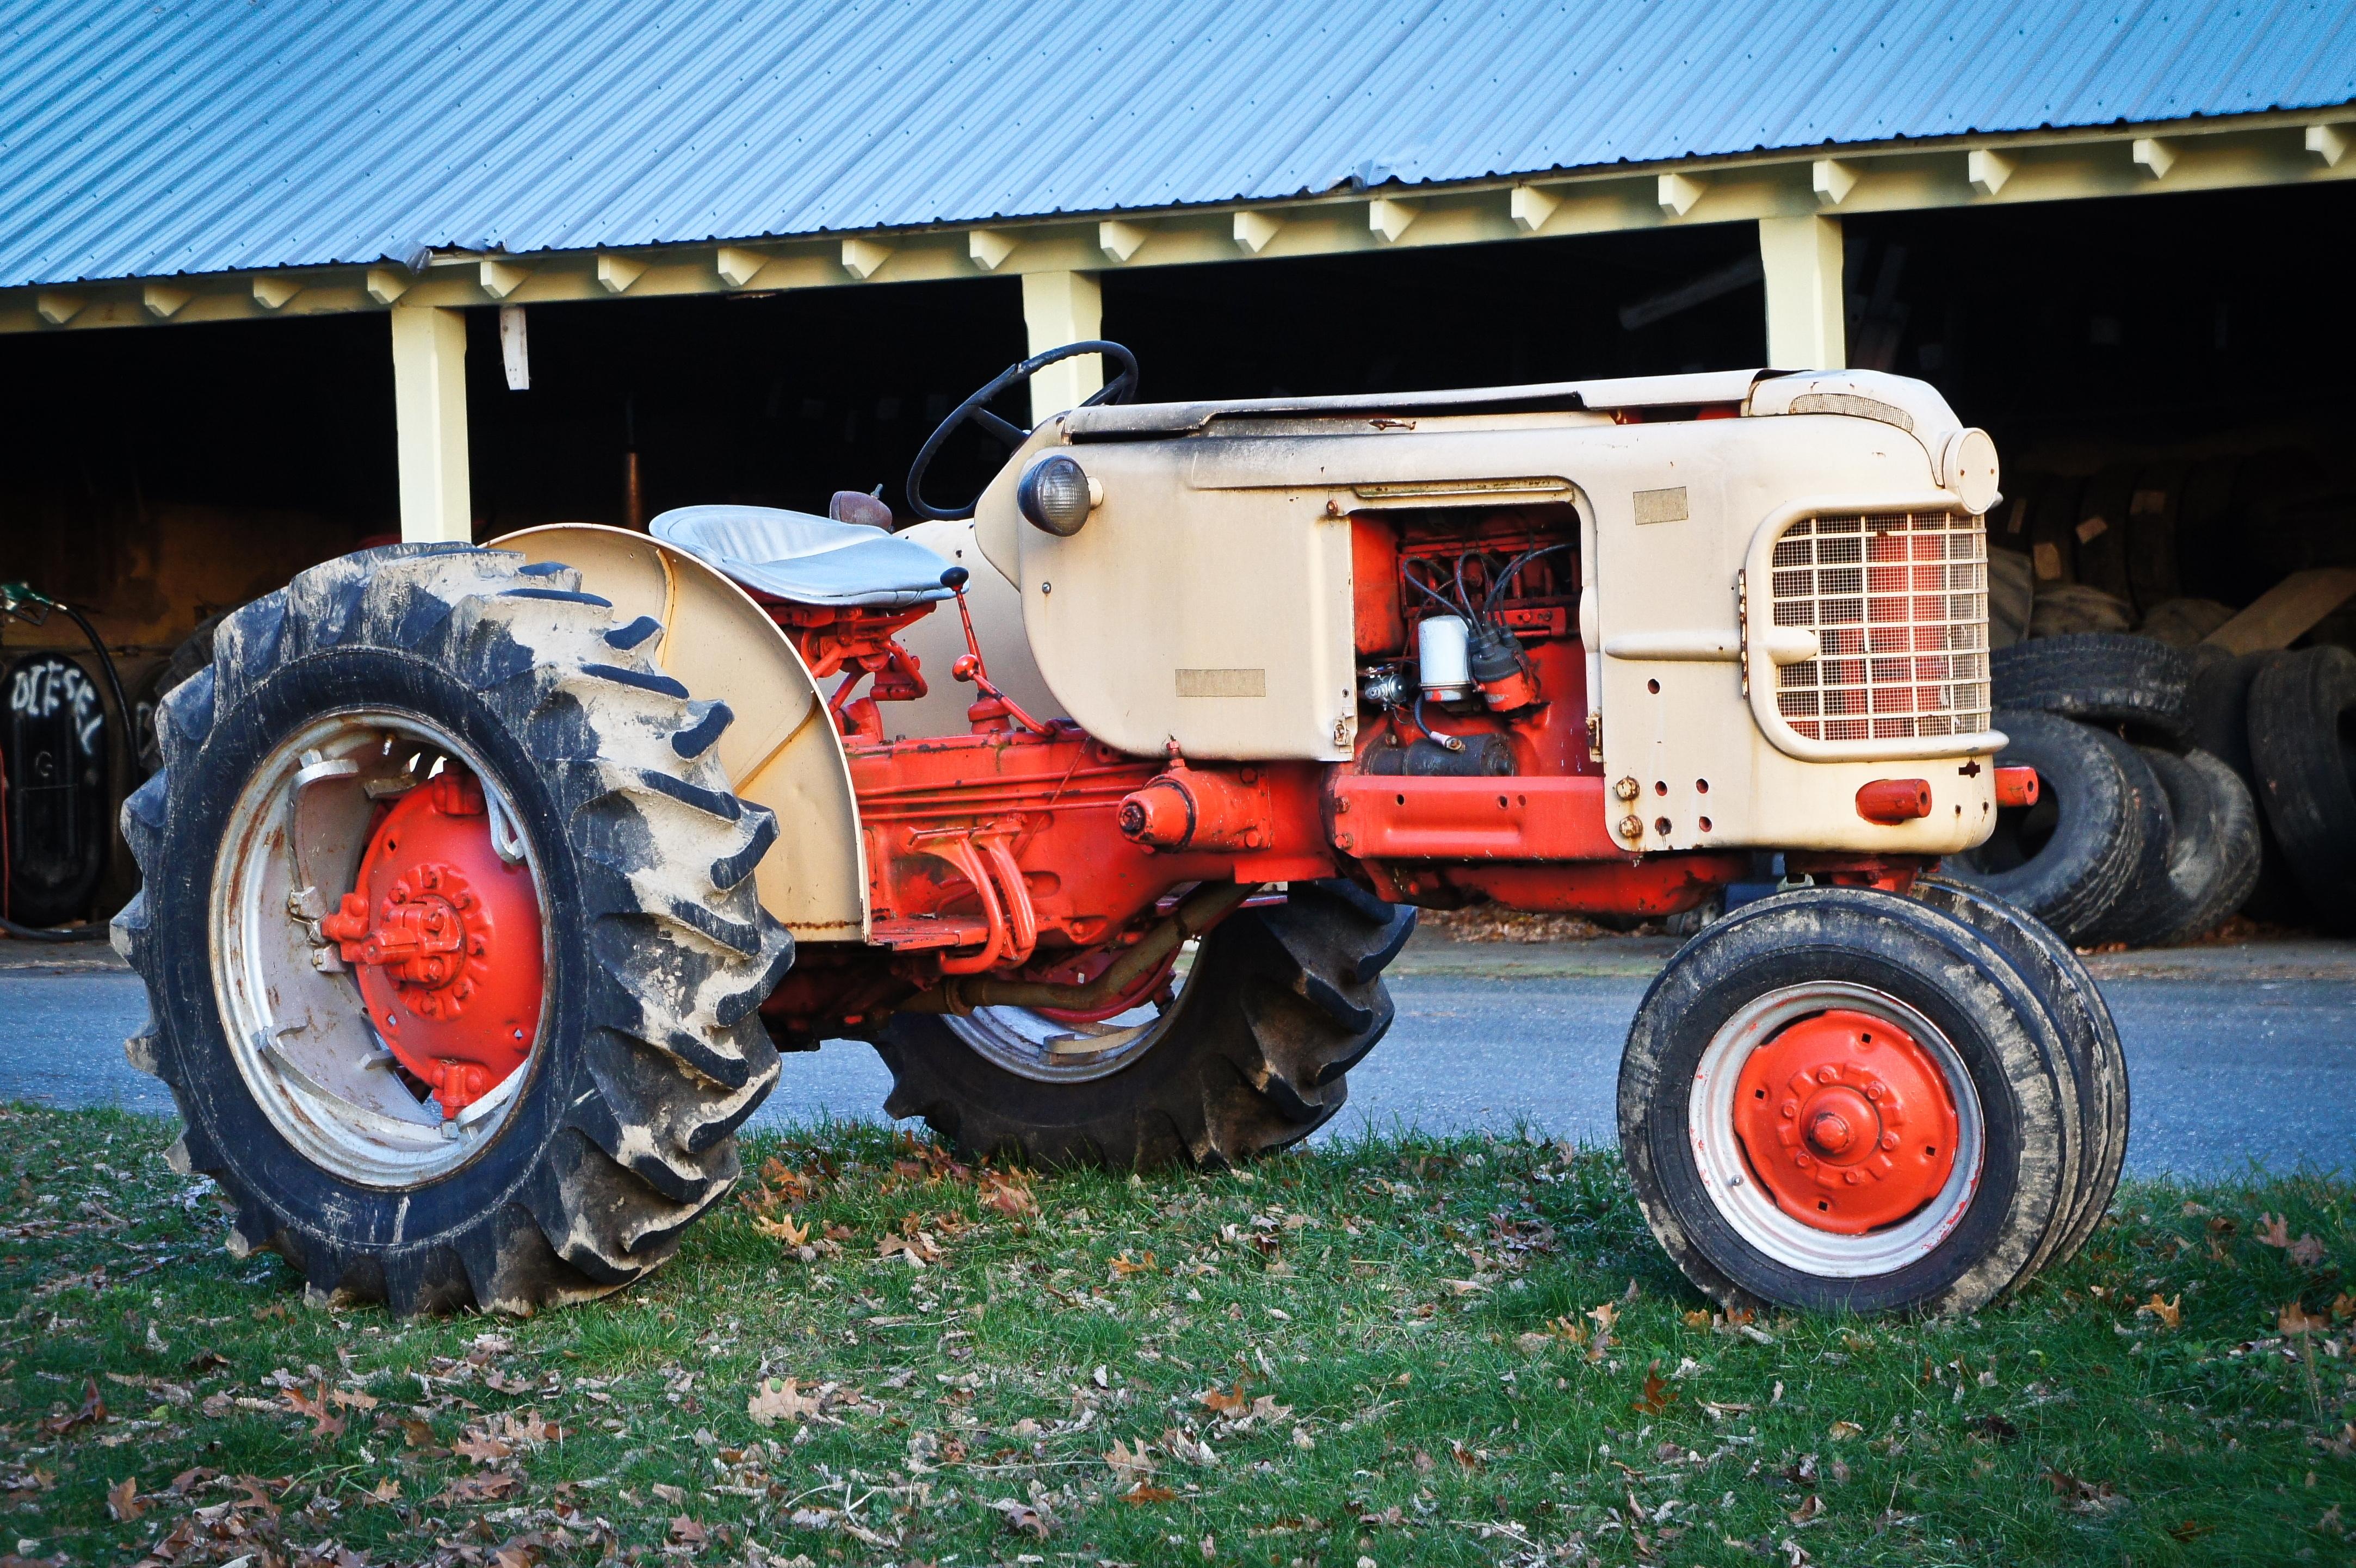 1956 Case Tractor : Case row crop tractor flickr photo